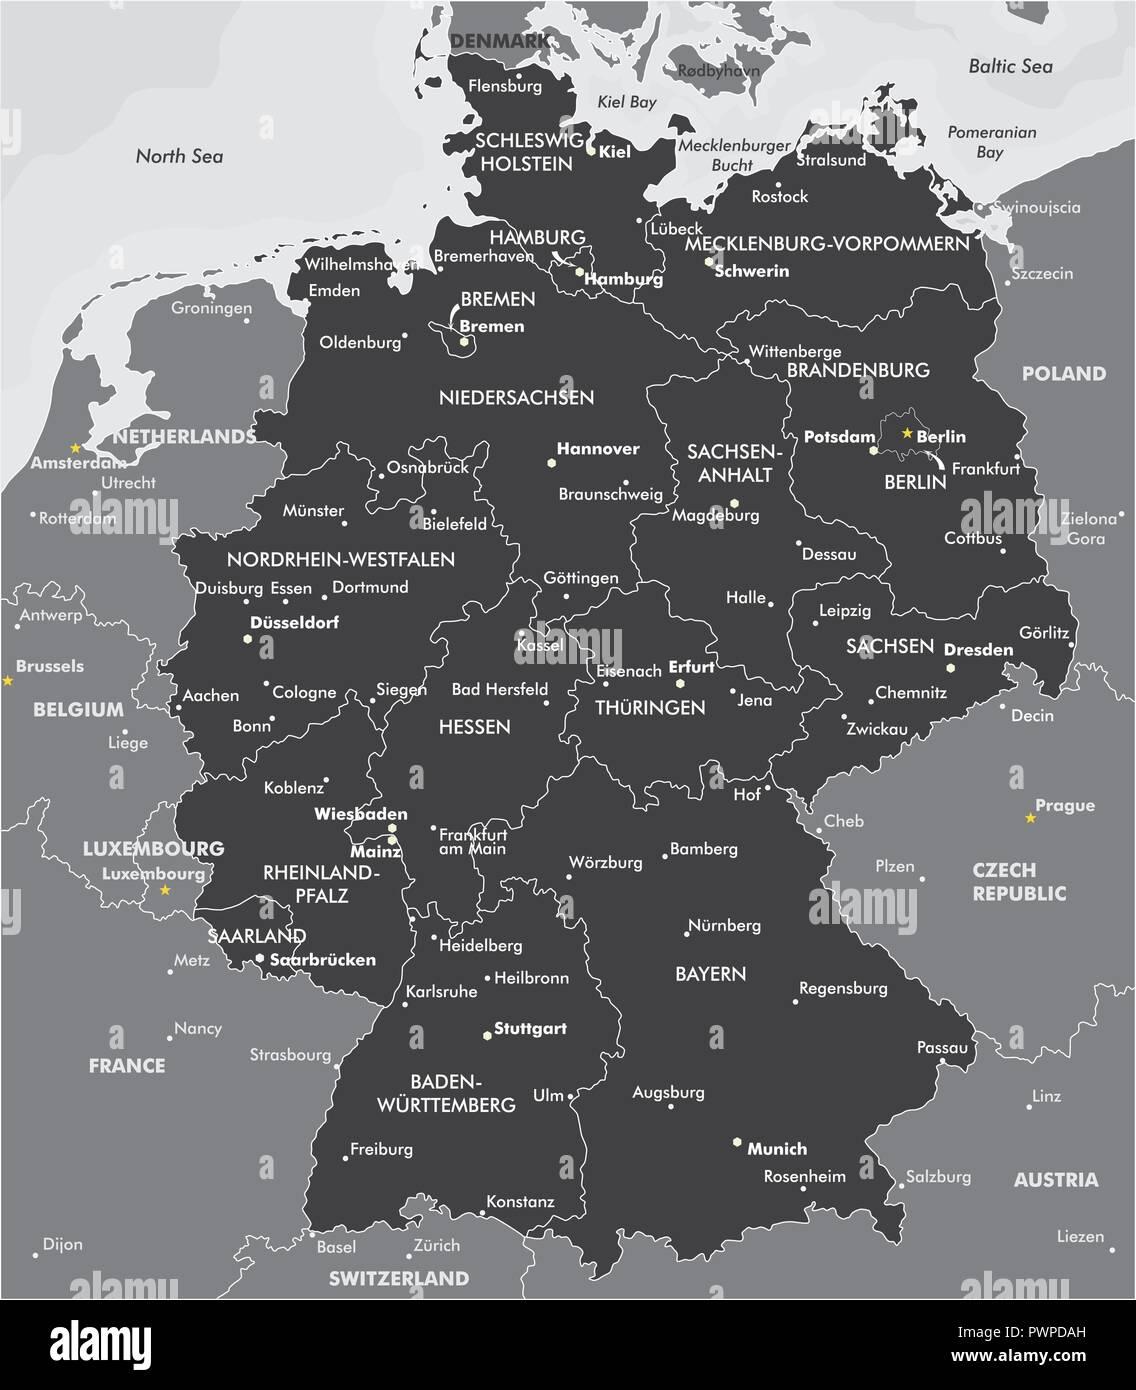 Carte Allemagne Noir Et Blanc.Carte En Noir Et Blanc De L Allemagne Pour Votre Conception